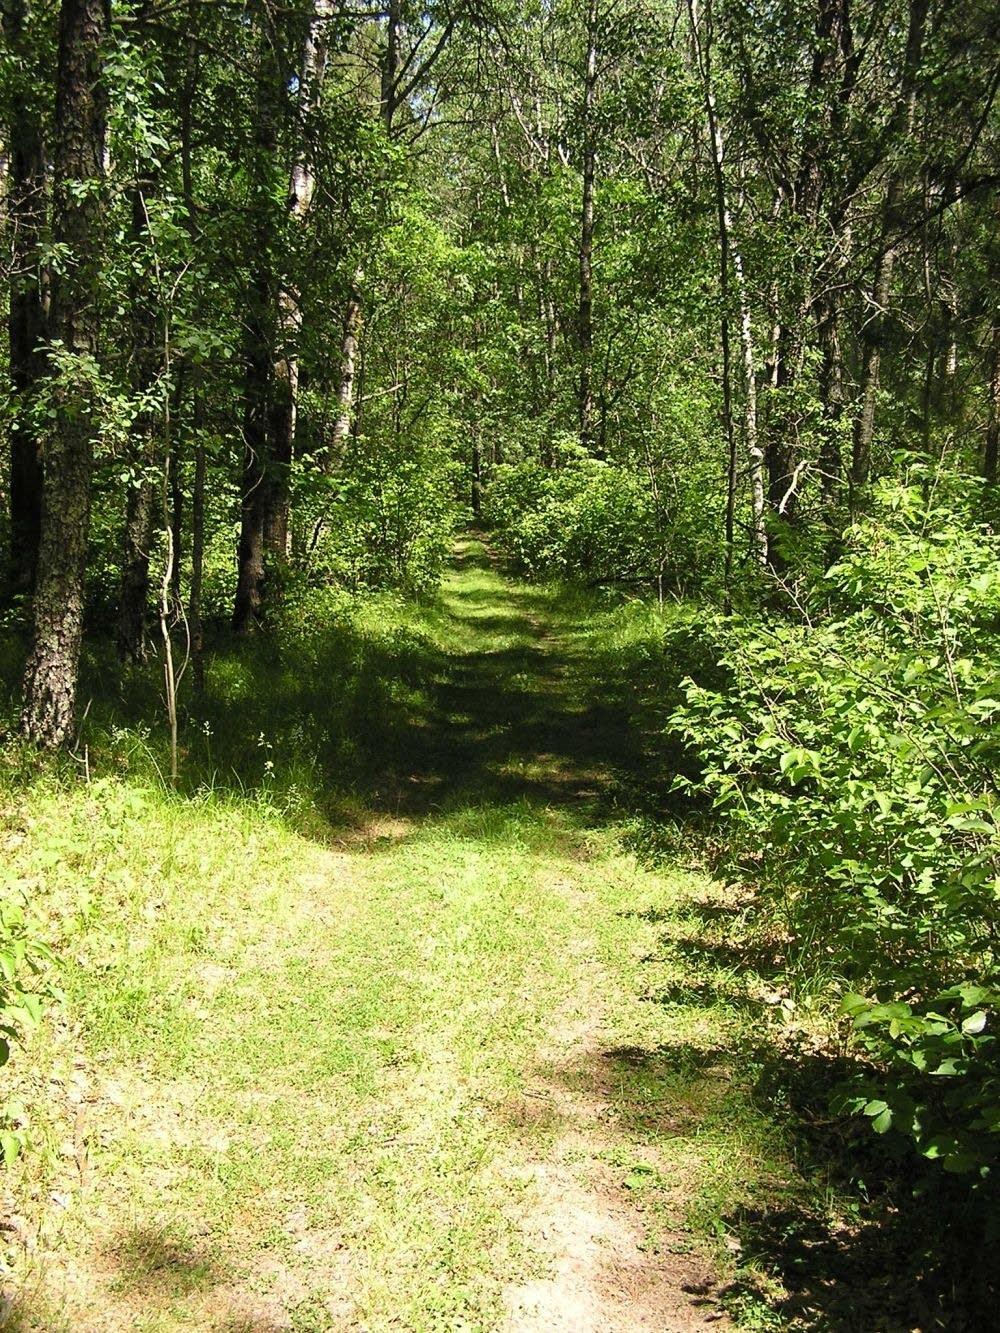 Baxter woods